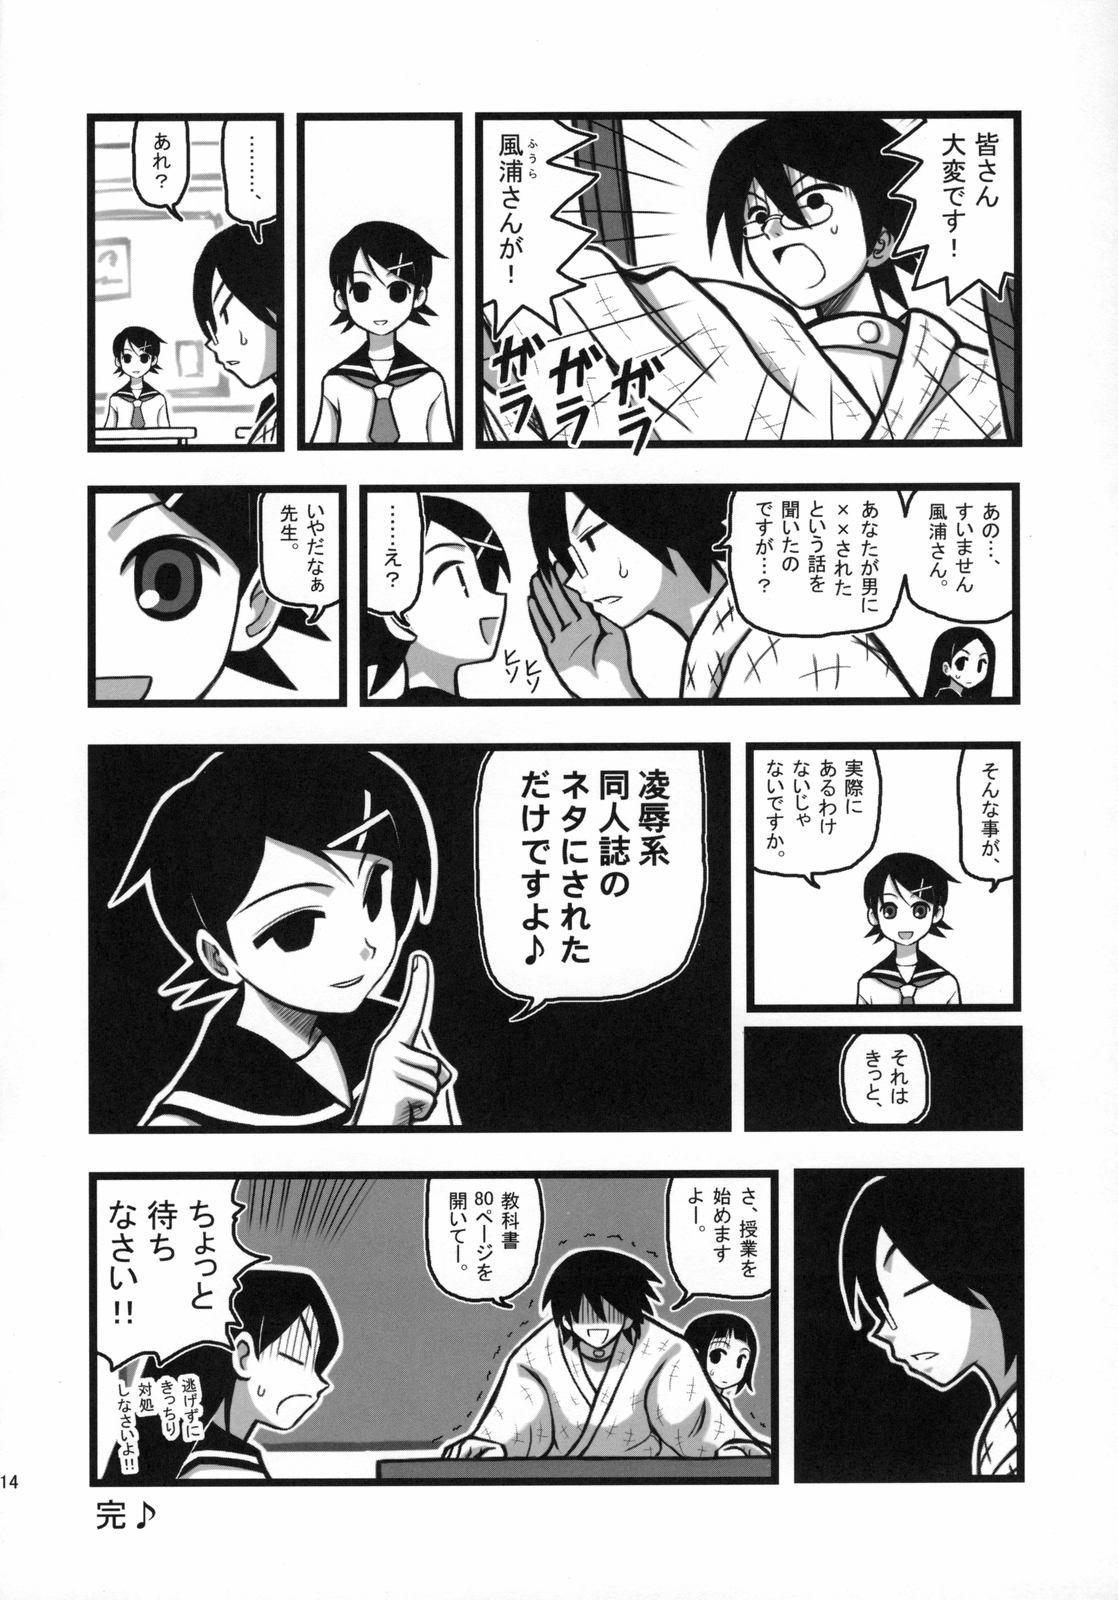 Ryoujoku Fuura Kafuka no Zetsubou 12